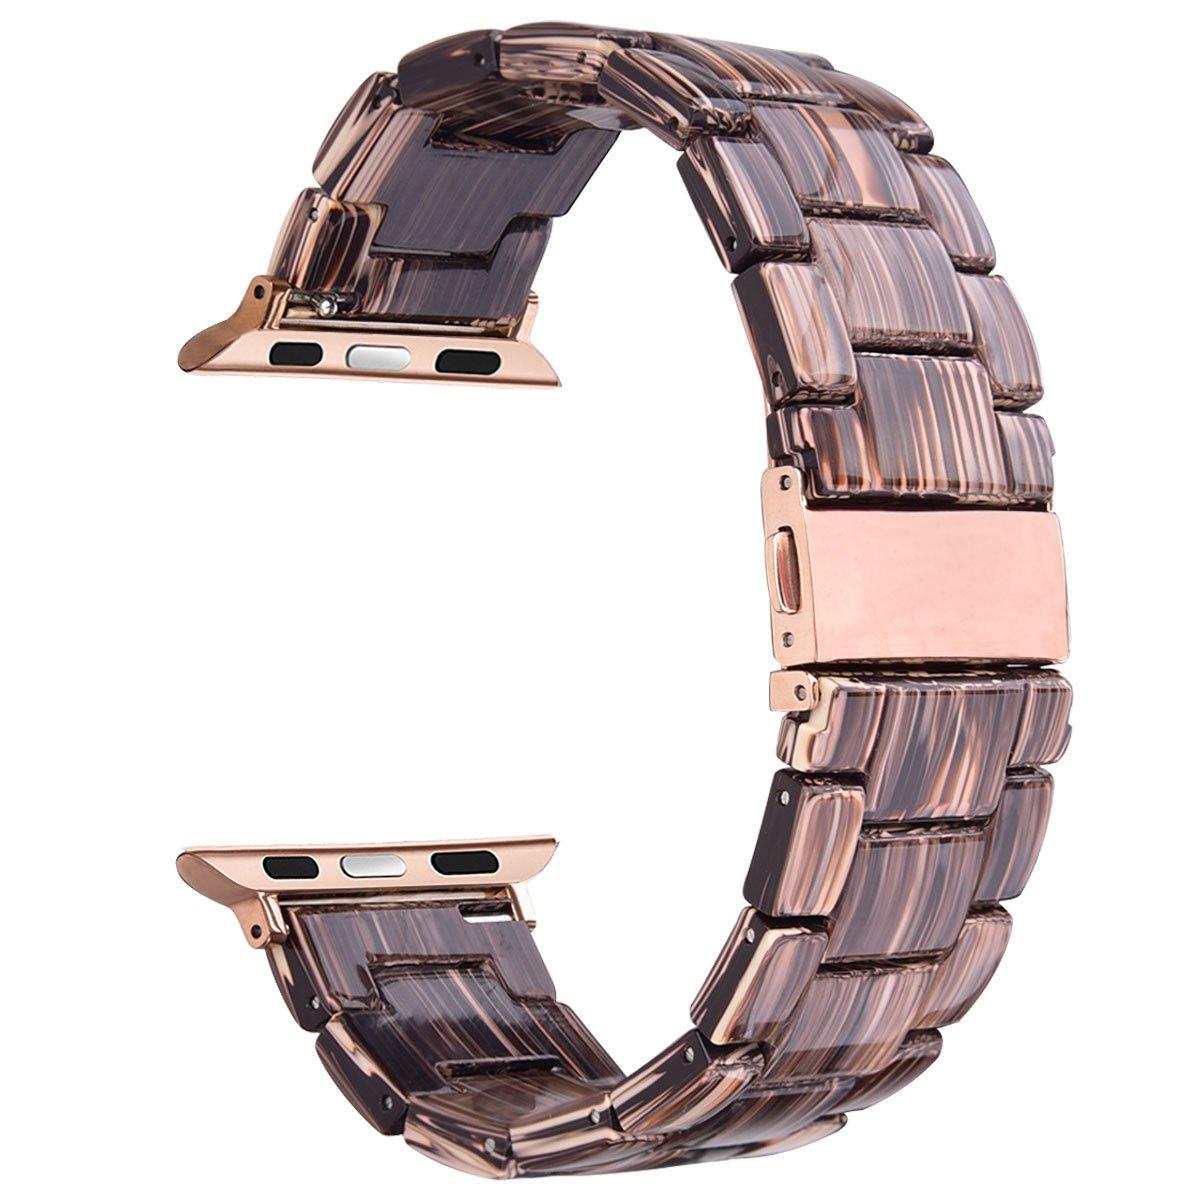 Malla Acero para Apple Watch (38/40mm) V-MORO [7DPJFYXG]